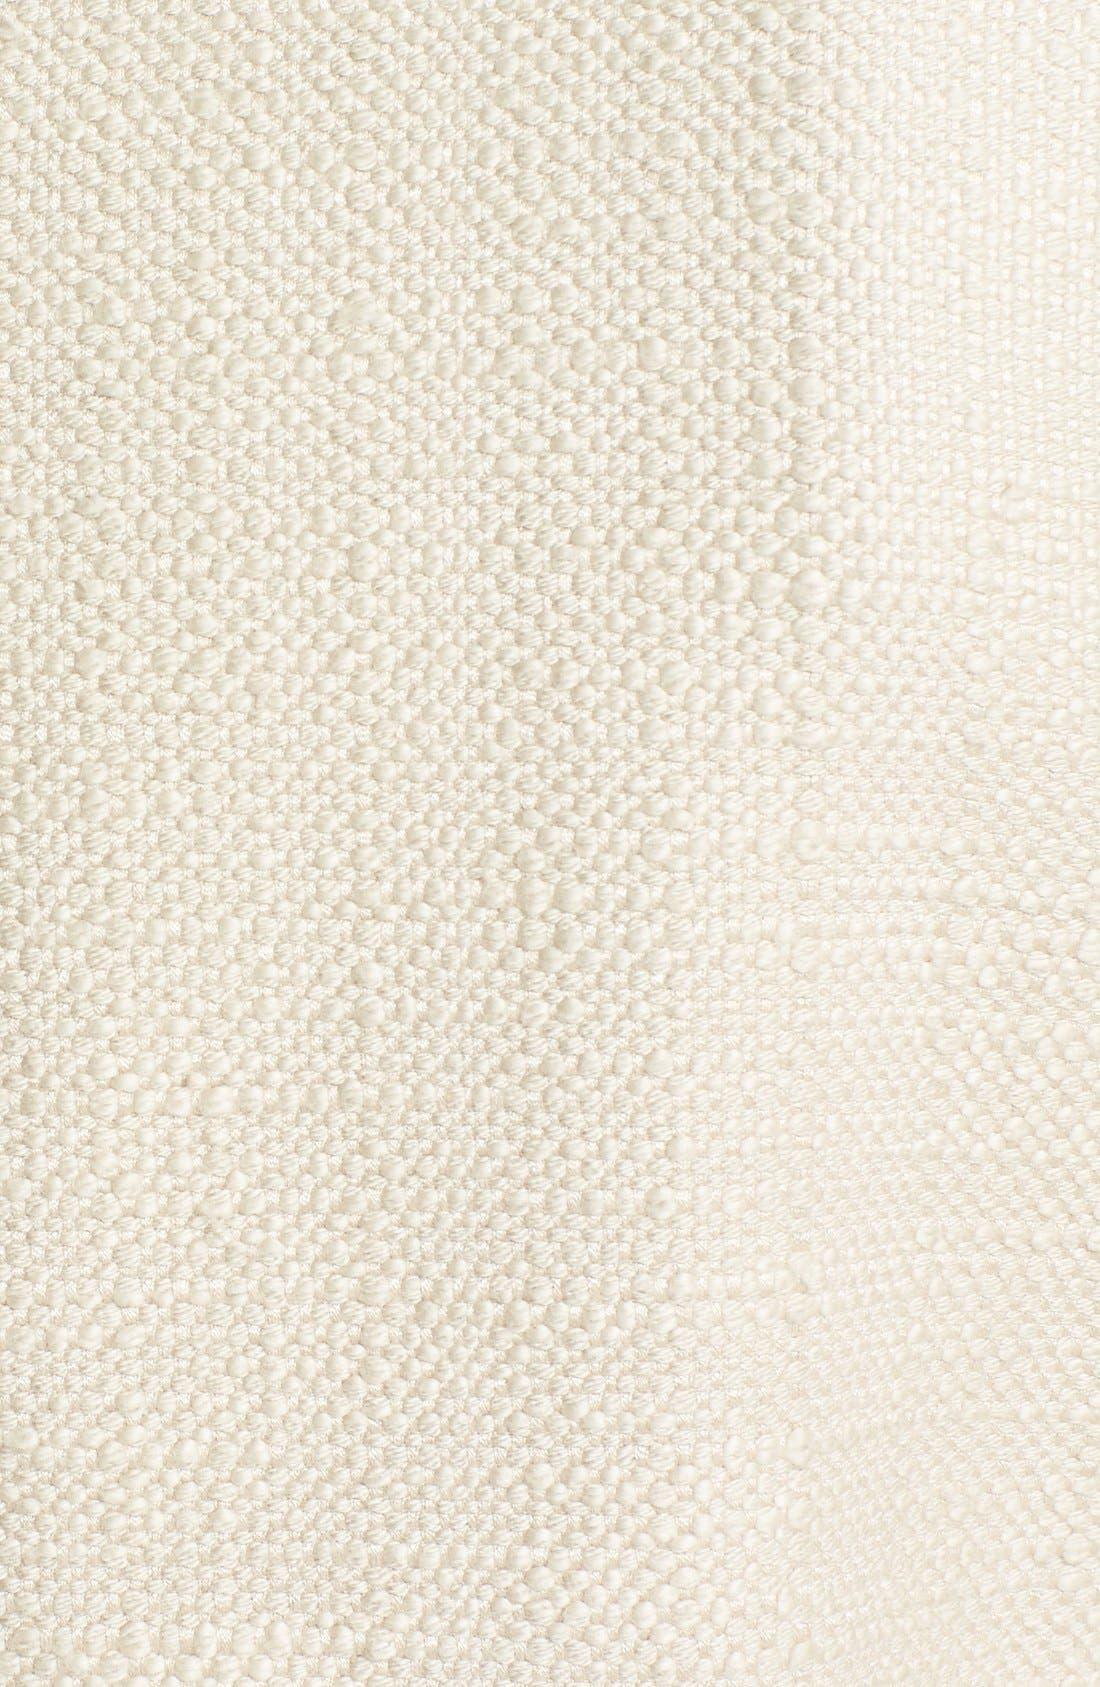 TORY BURCH,                             'Elisa' Embellished Crop Jacket,                             Alternate thumbnail 2, color,                             250